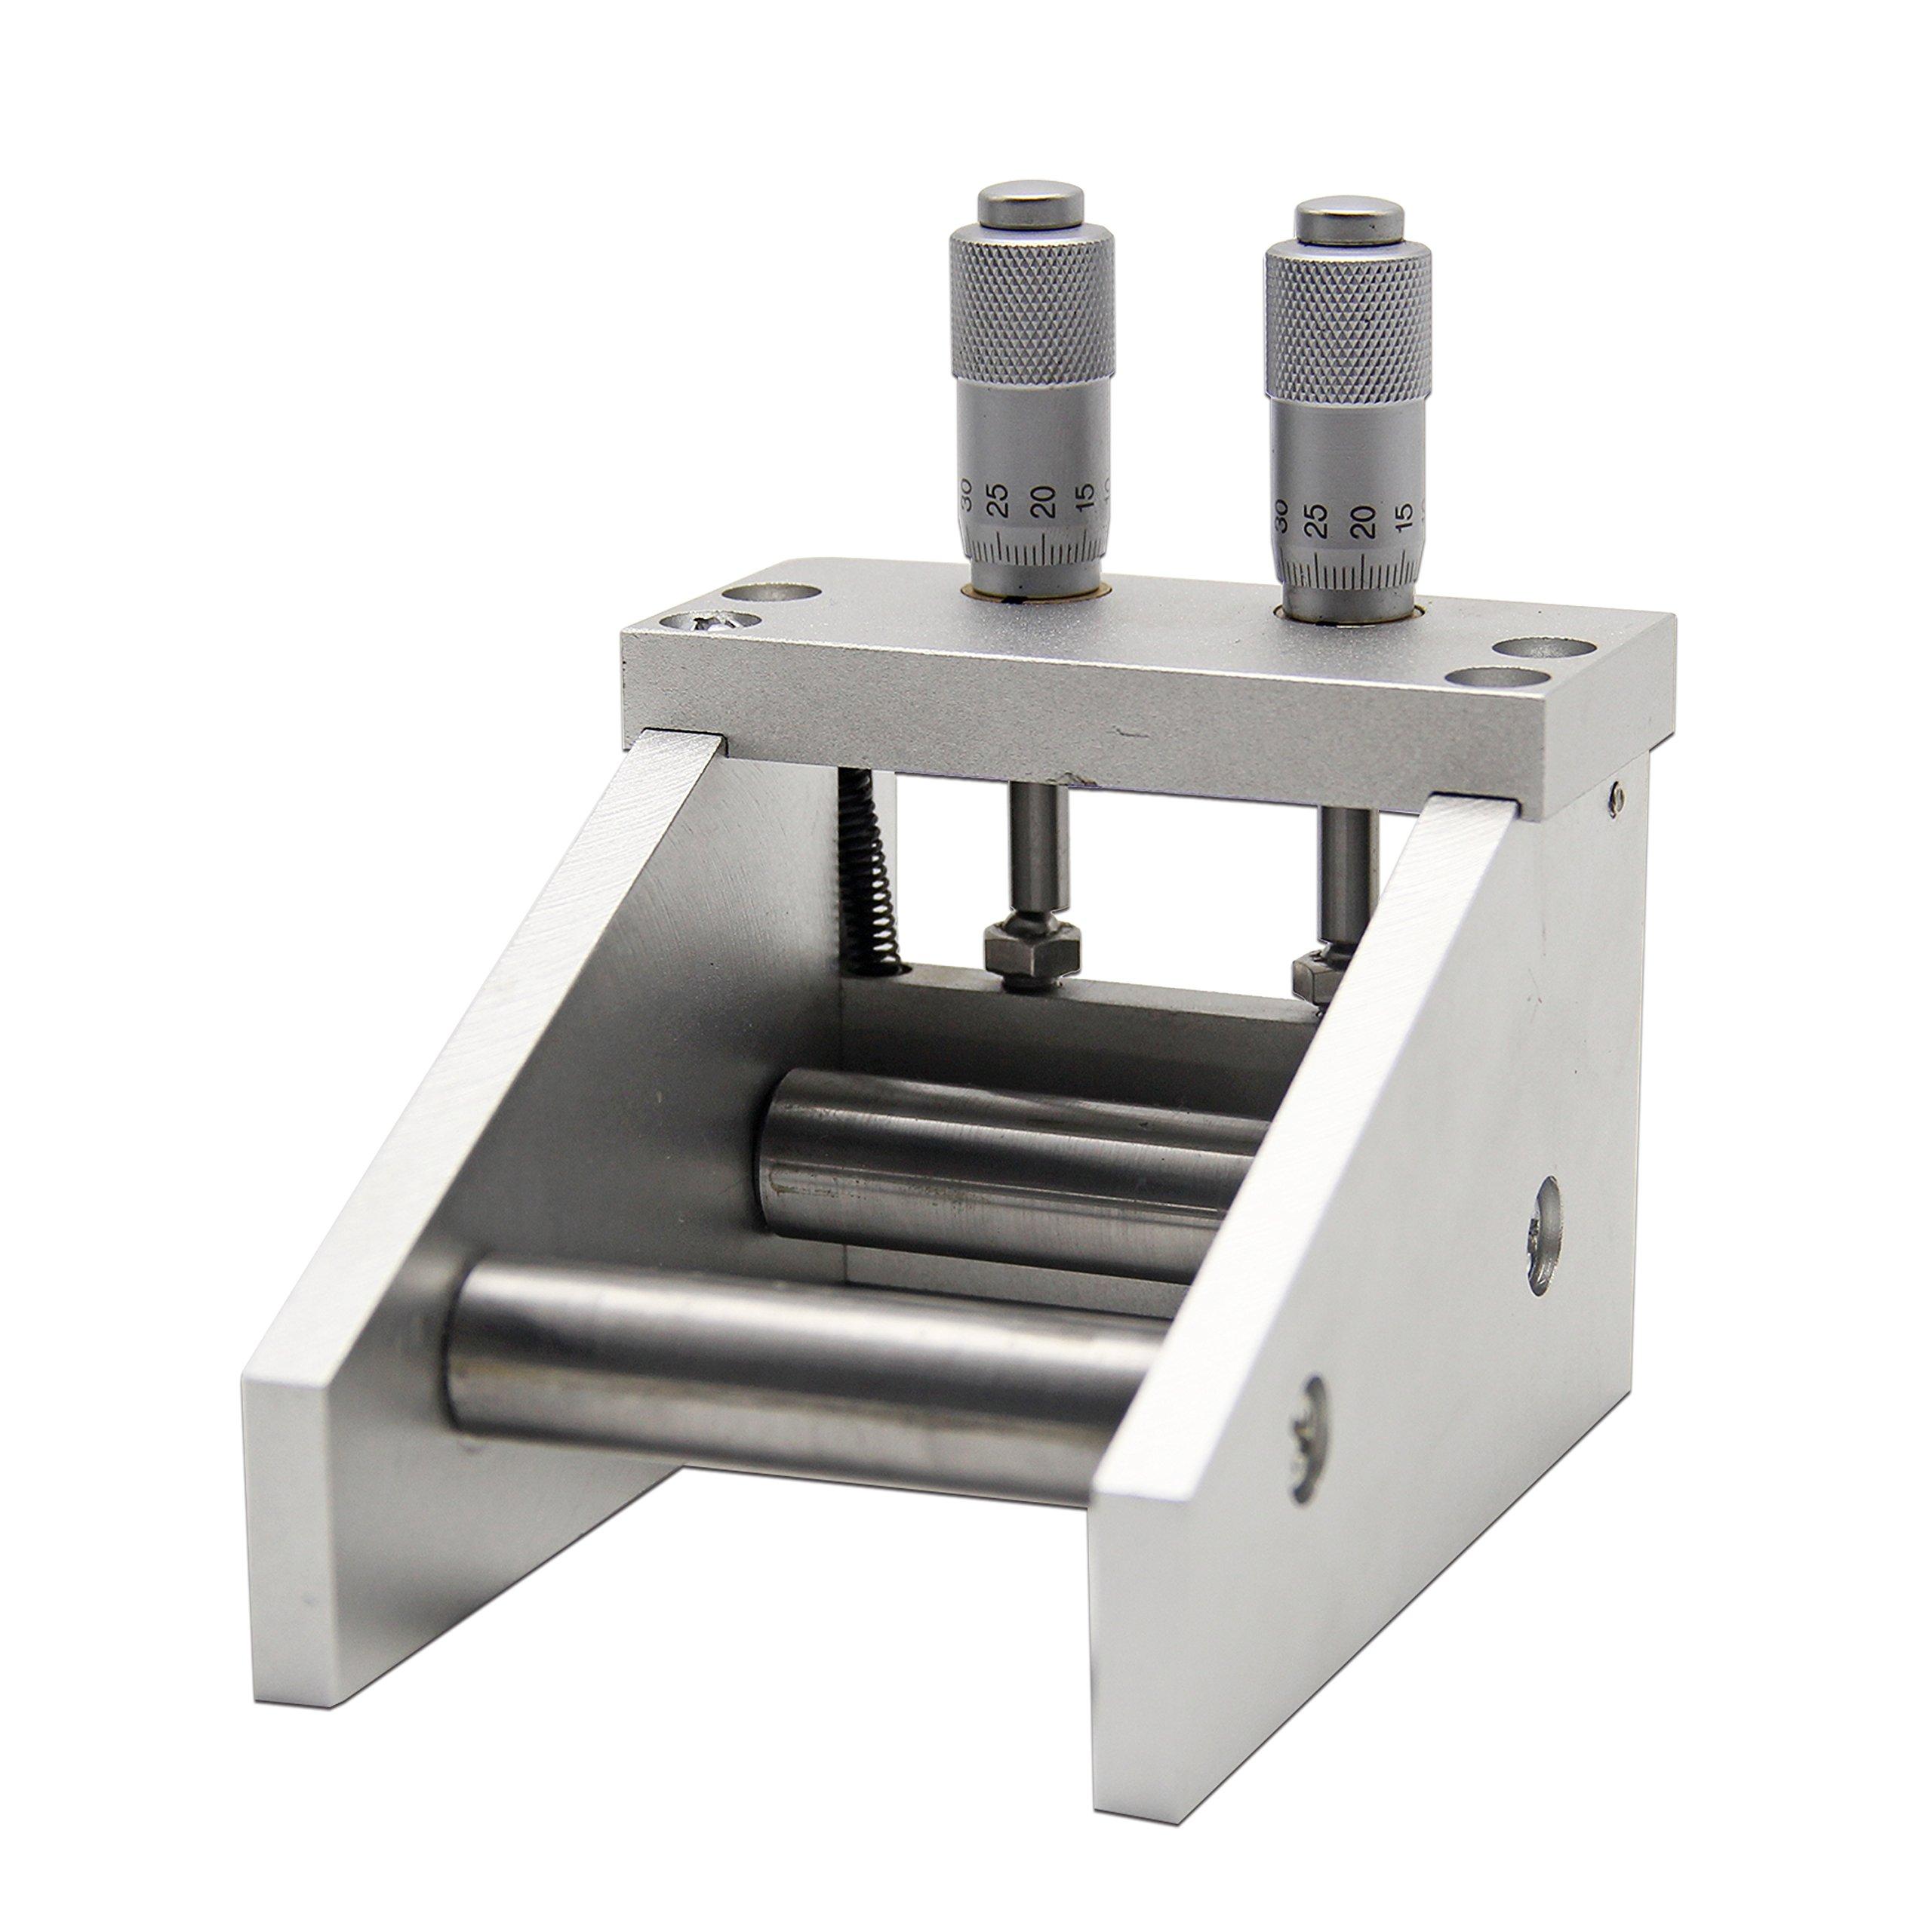 Hanchen Micrometer Film Adjustable Applicator Coater Application Range 0-3500um (55mm)